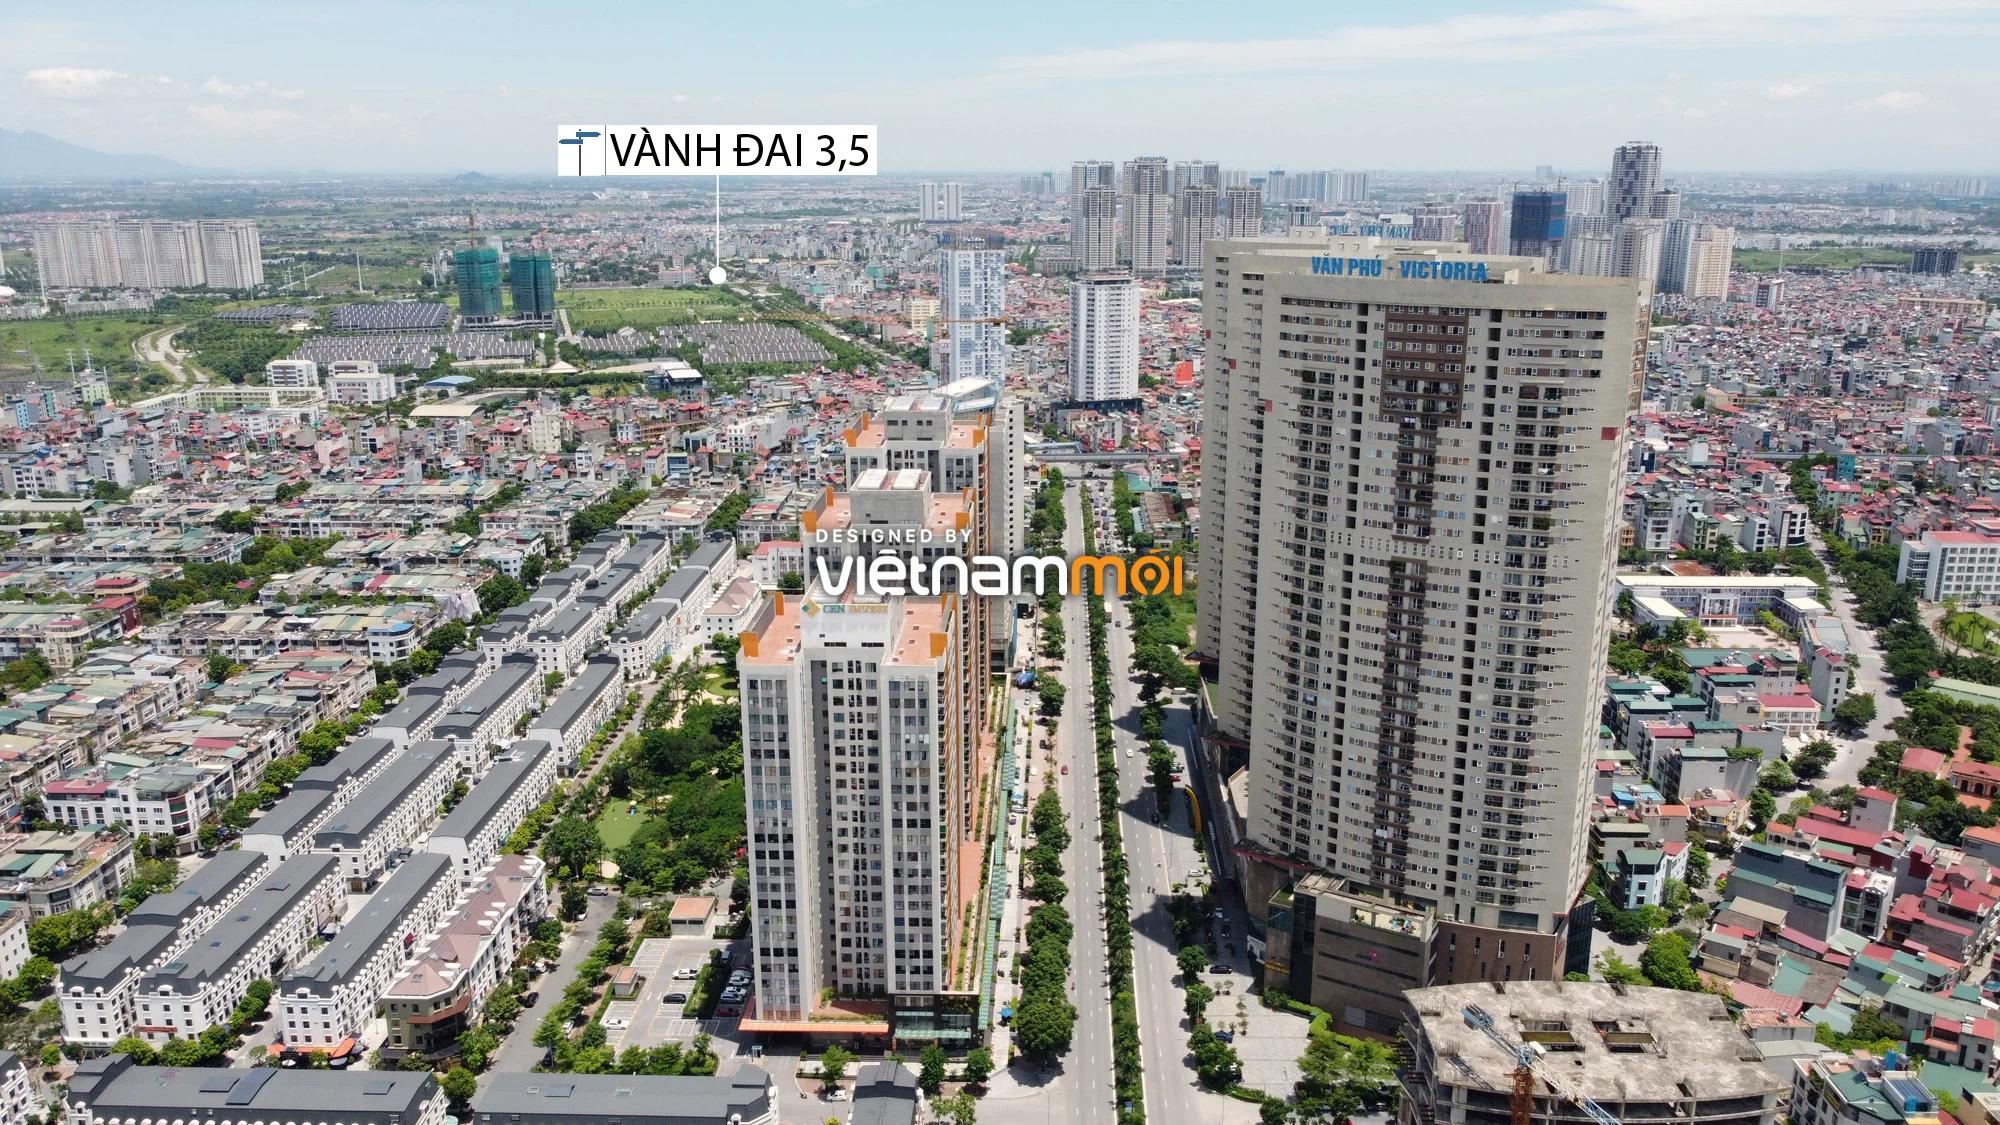 Đường Vành đai 3,5 sẽ mở theo quy hoạch qua quận Hà Đông, Hà Nội - Ảnh 9.